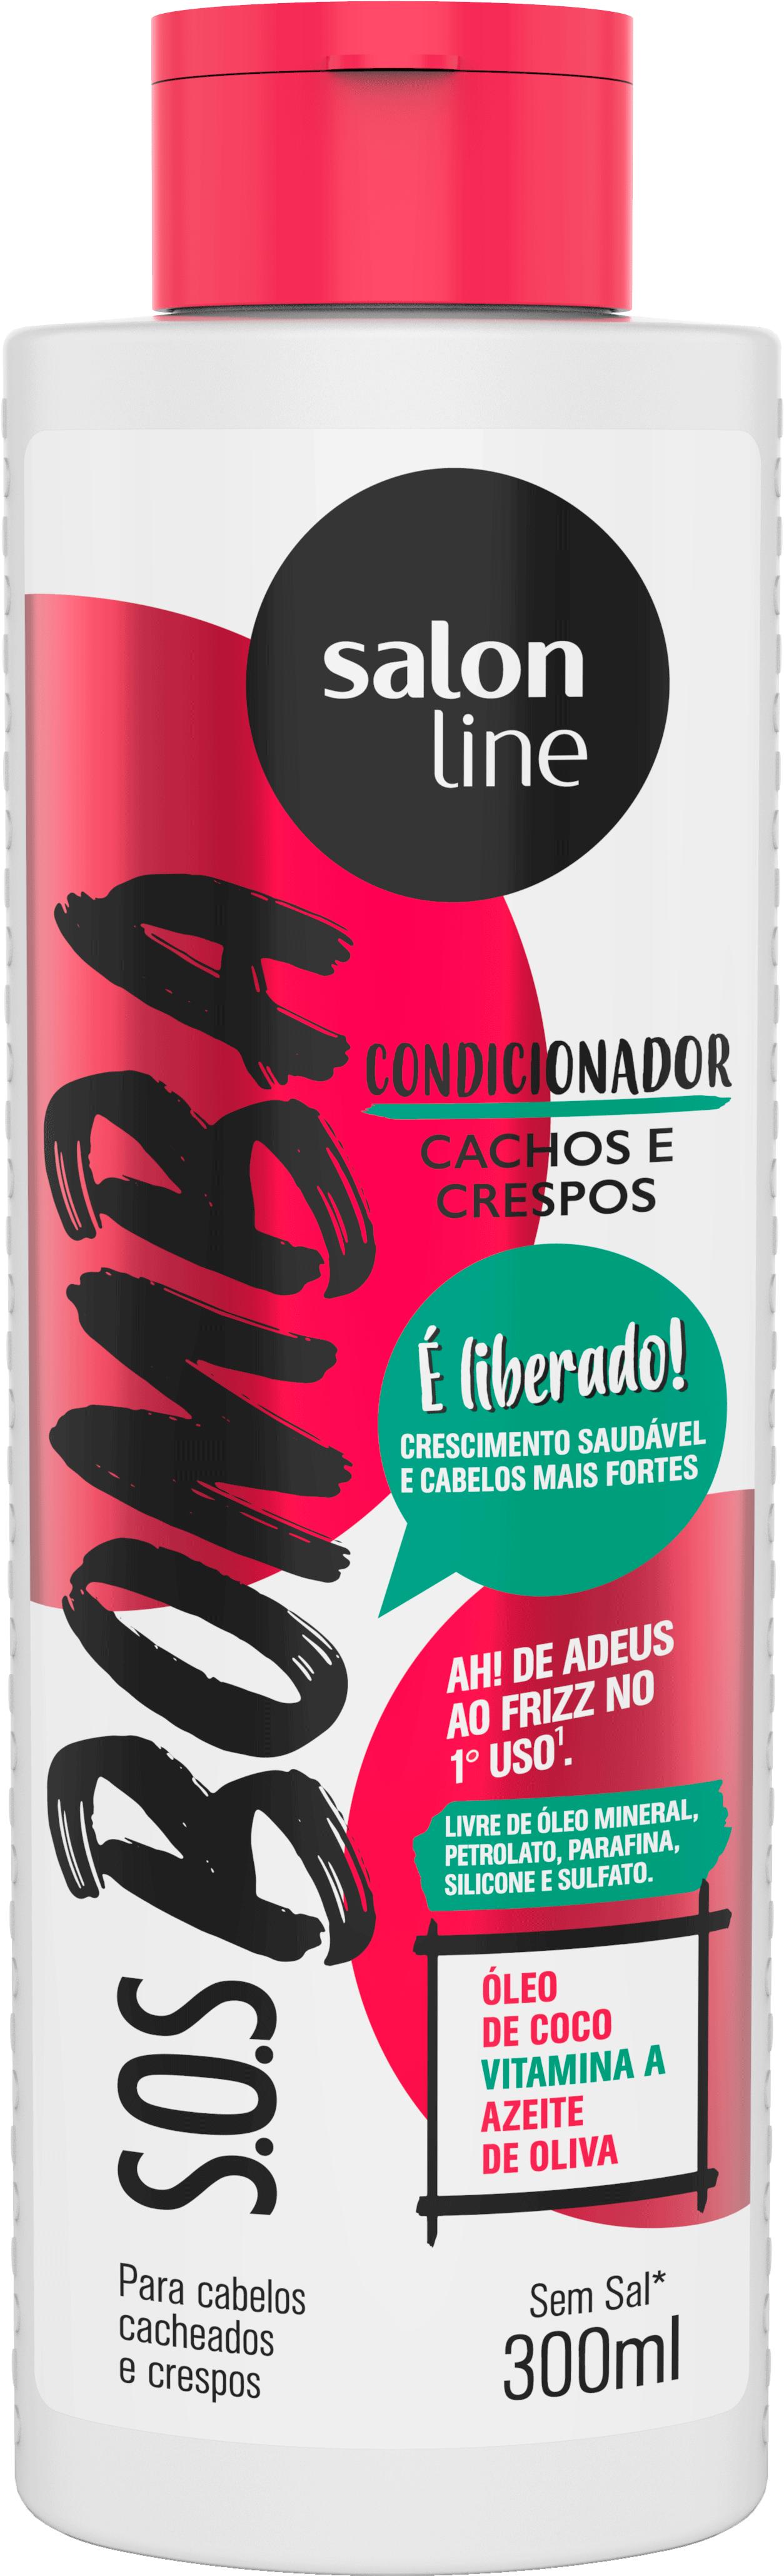 92381753a CONDICIONADOR CACHOS E CRESPOS S.O.S BOMBA - Tô de Cacho